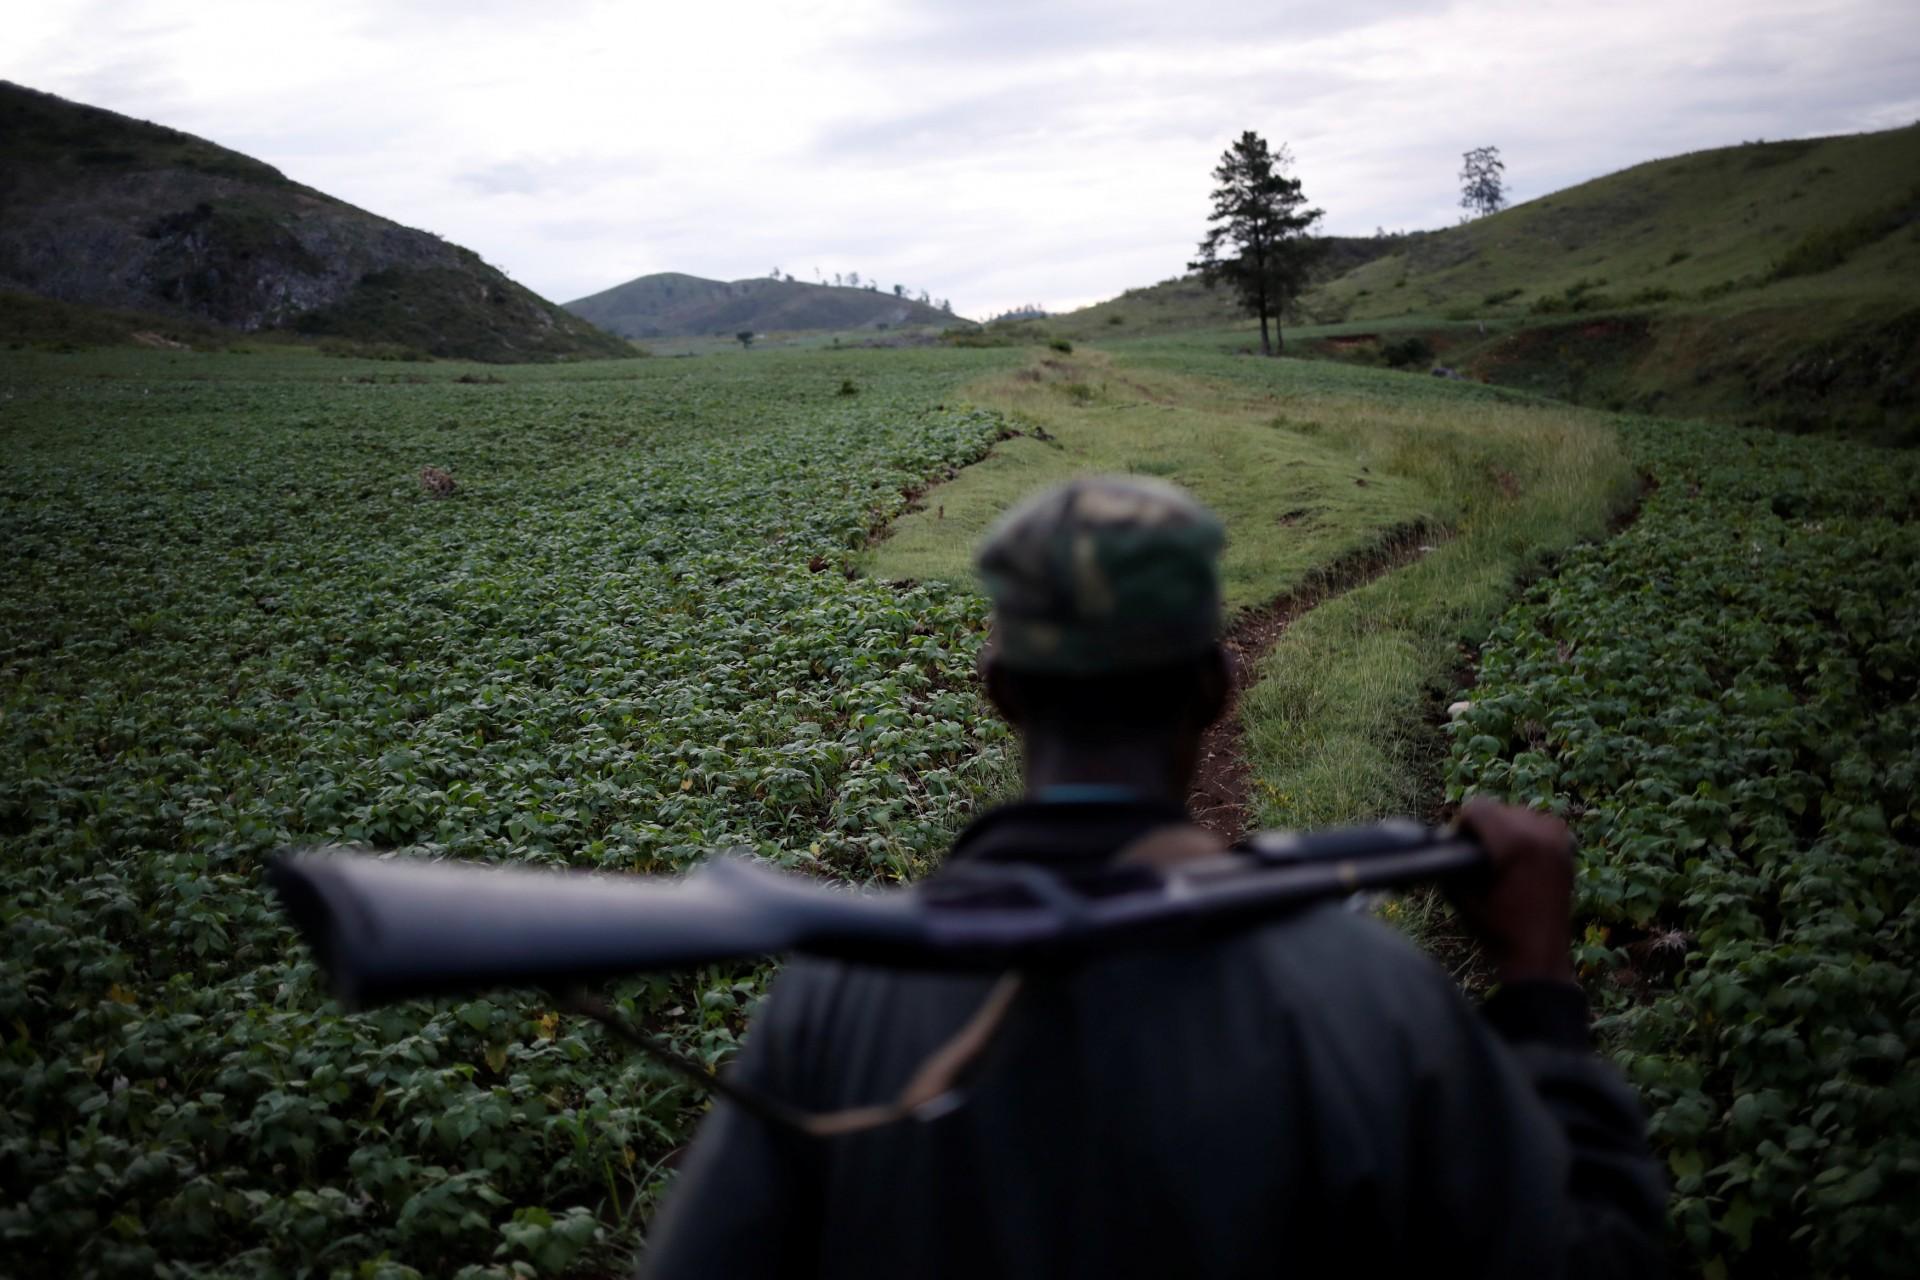 Benjamens St. Pierre lleva una escopeta mientras patrulla la frontera entre Haití y República Dominicana en busca de personas que traigan carbón de contrabando, en la provincia de Independencia, República Dominicana, 3 de octubre de 2018.